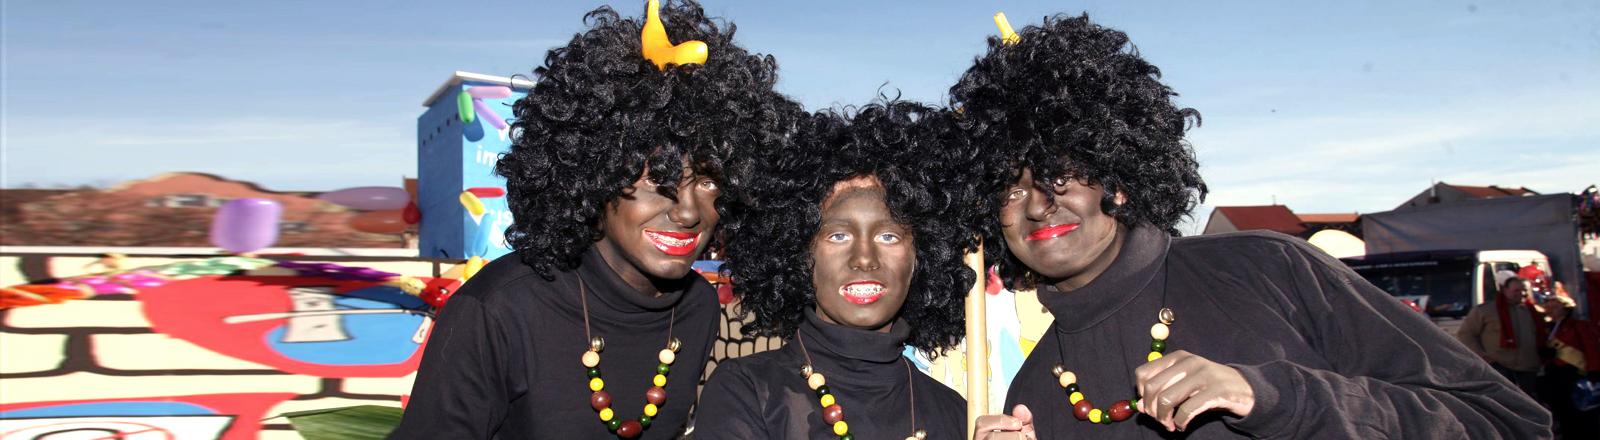 schwarz geschminkte Karnevalistinnen mit Afro-Perücke